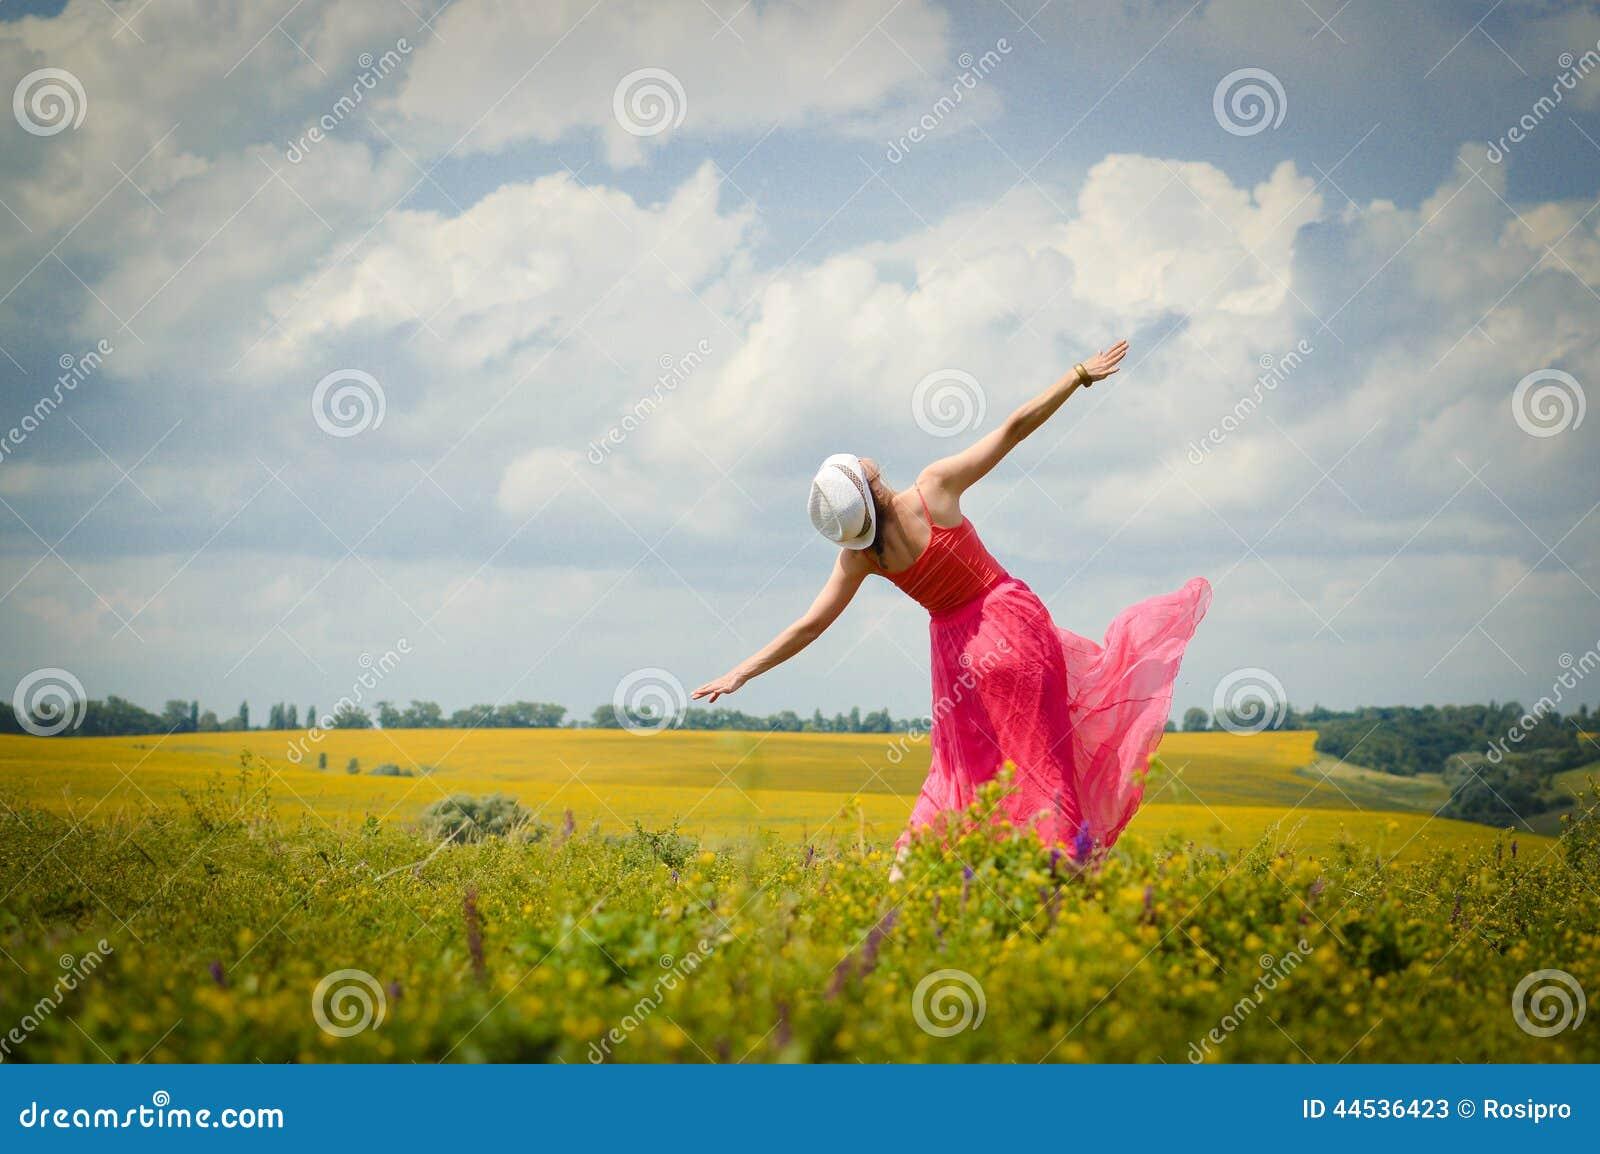 Libertà soleggiata: immagine di bella giovane donna bionda in vestito rosa divertendosi dancing sullo spazio verde della copia de